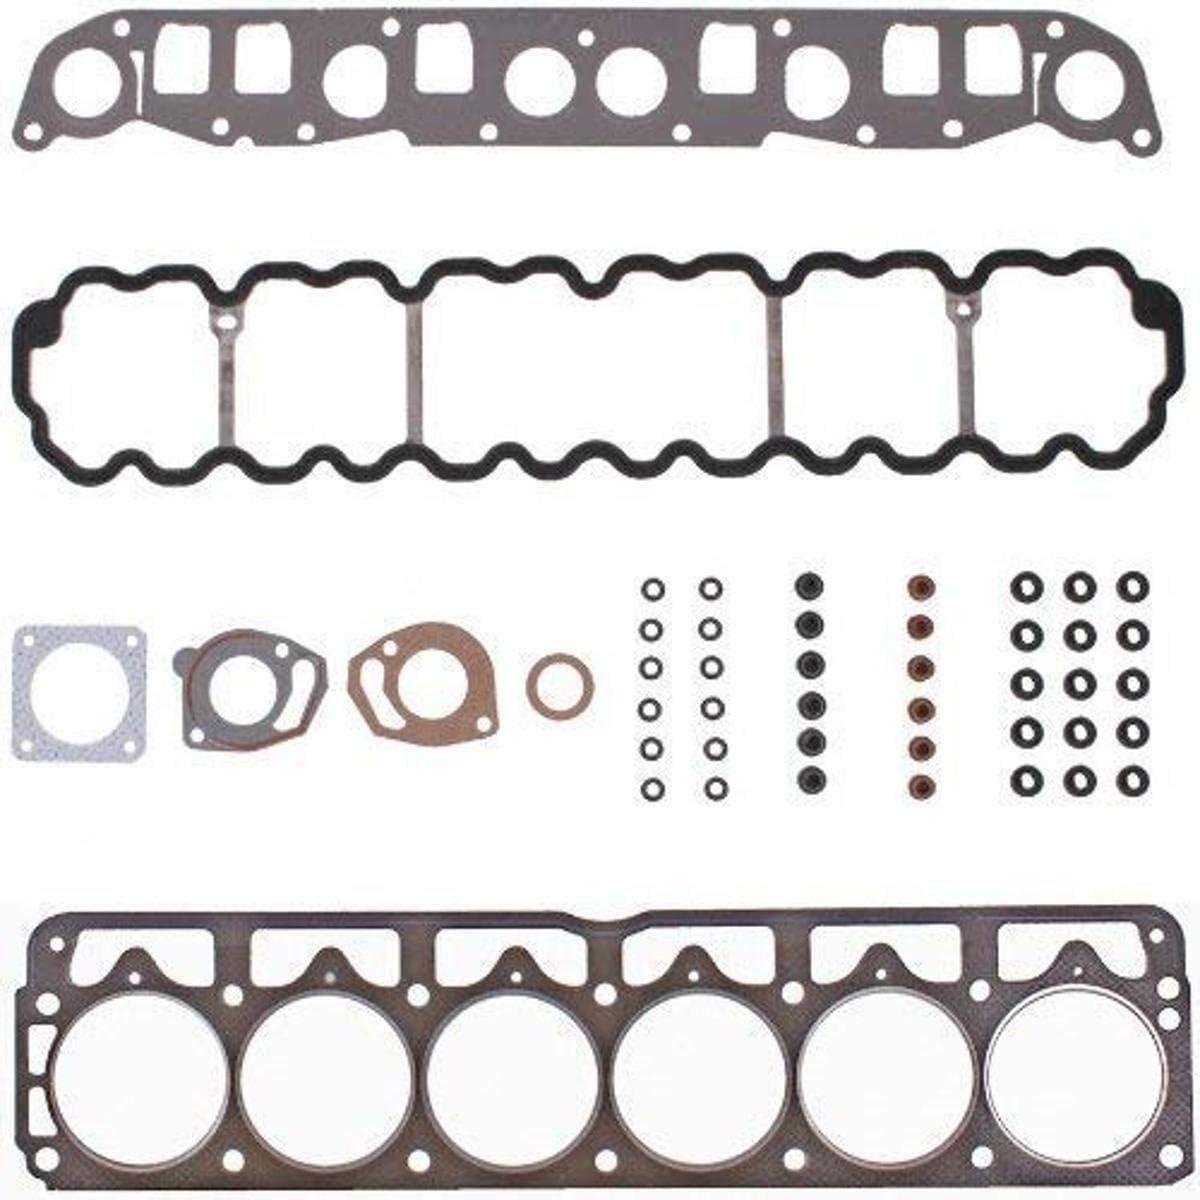 MAHLE 55% OFF HS5713Z Engine Cylinder Set Head Gasket Max 75% OFF